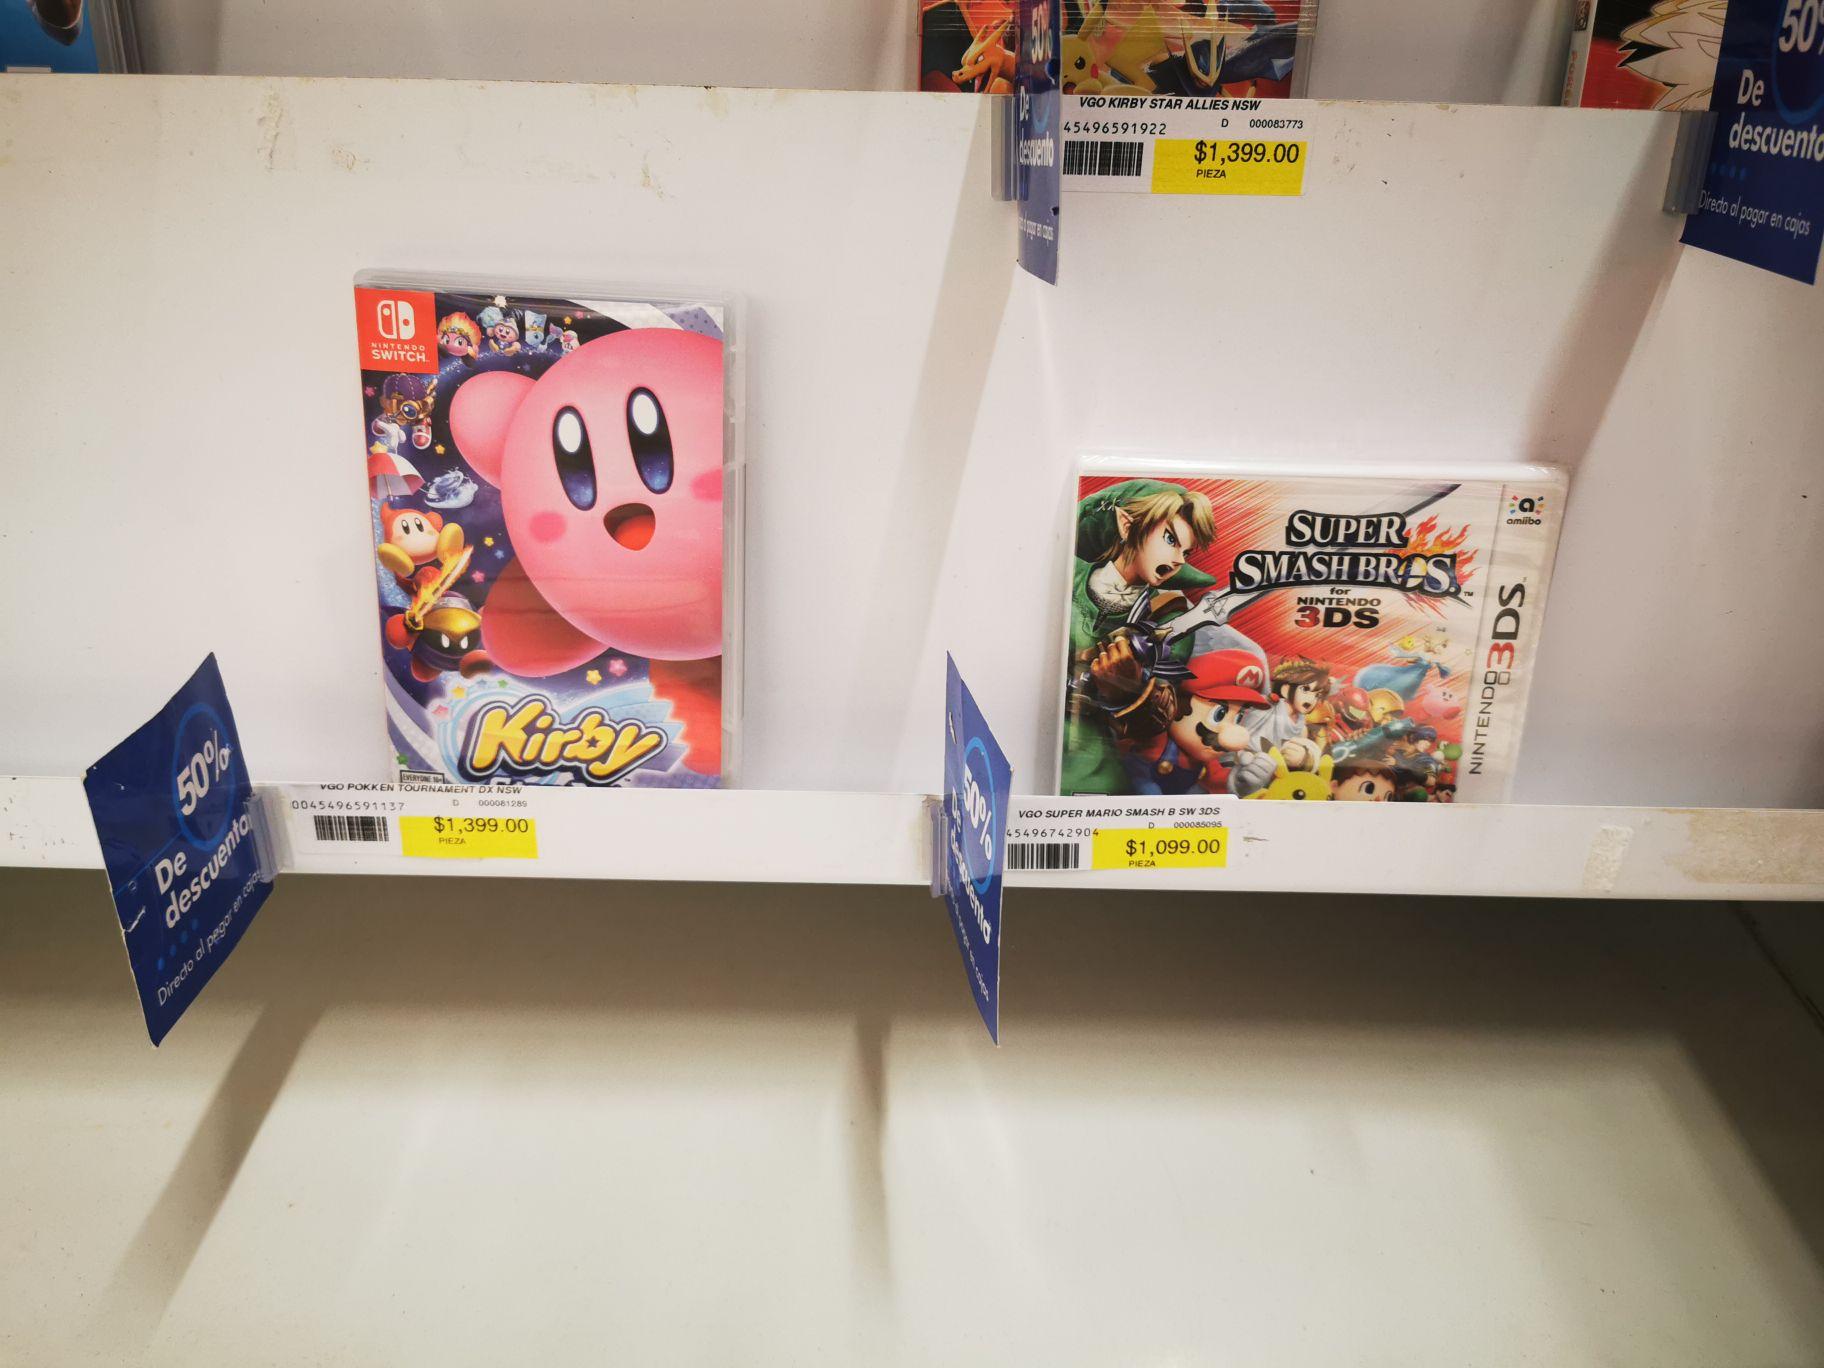 Office depot. Kirby Juegos a mitad de precio. Nacional. Ps4 Switch 3ds y one entran a 50%